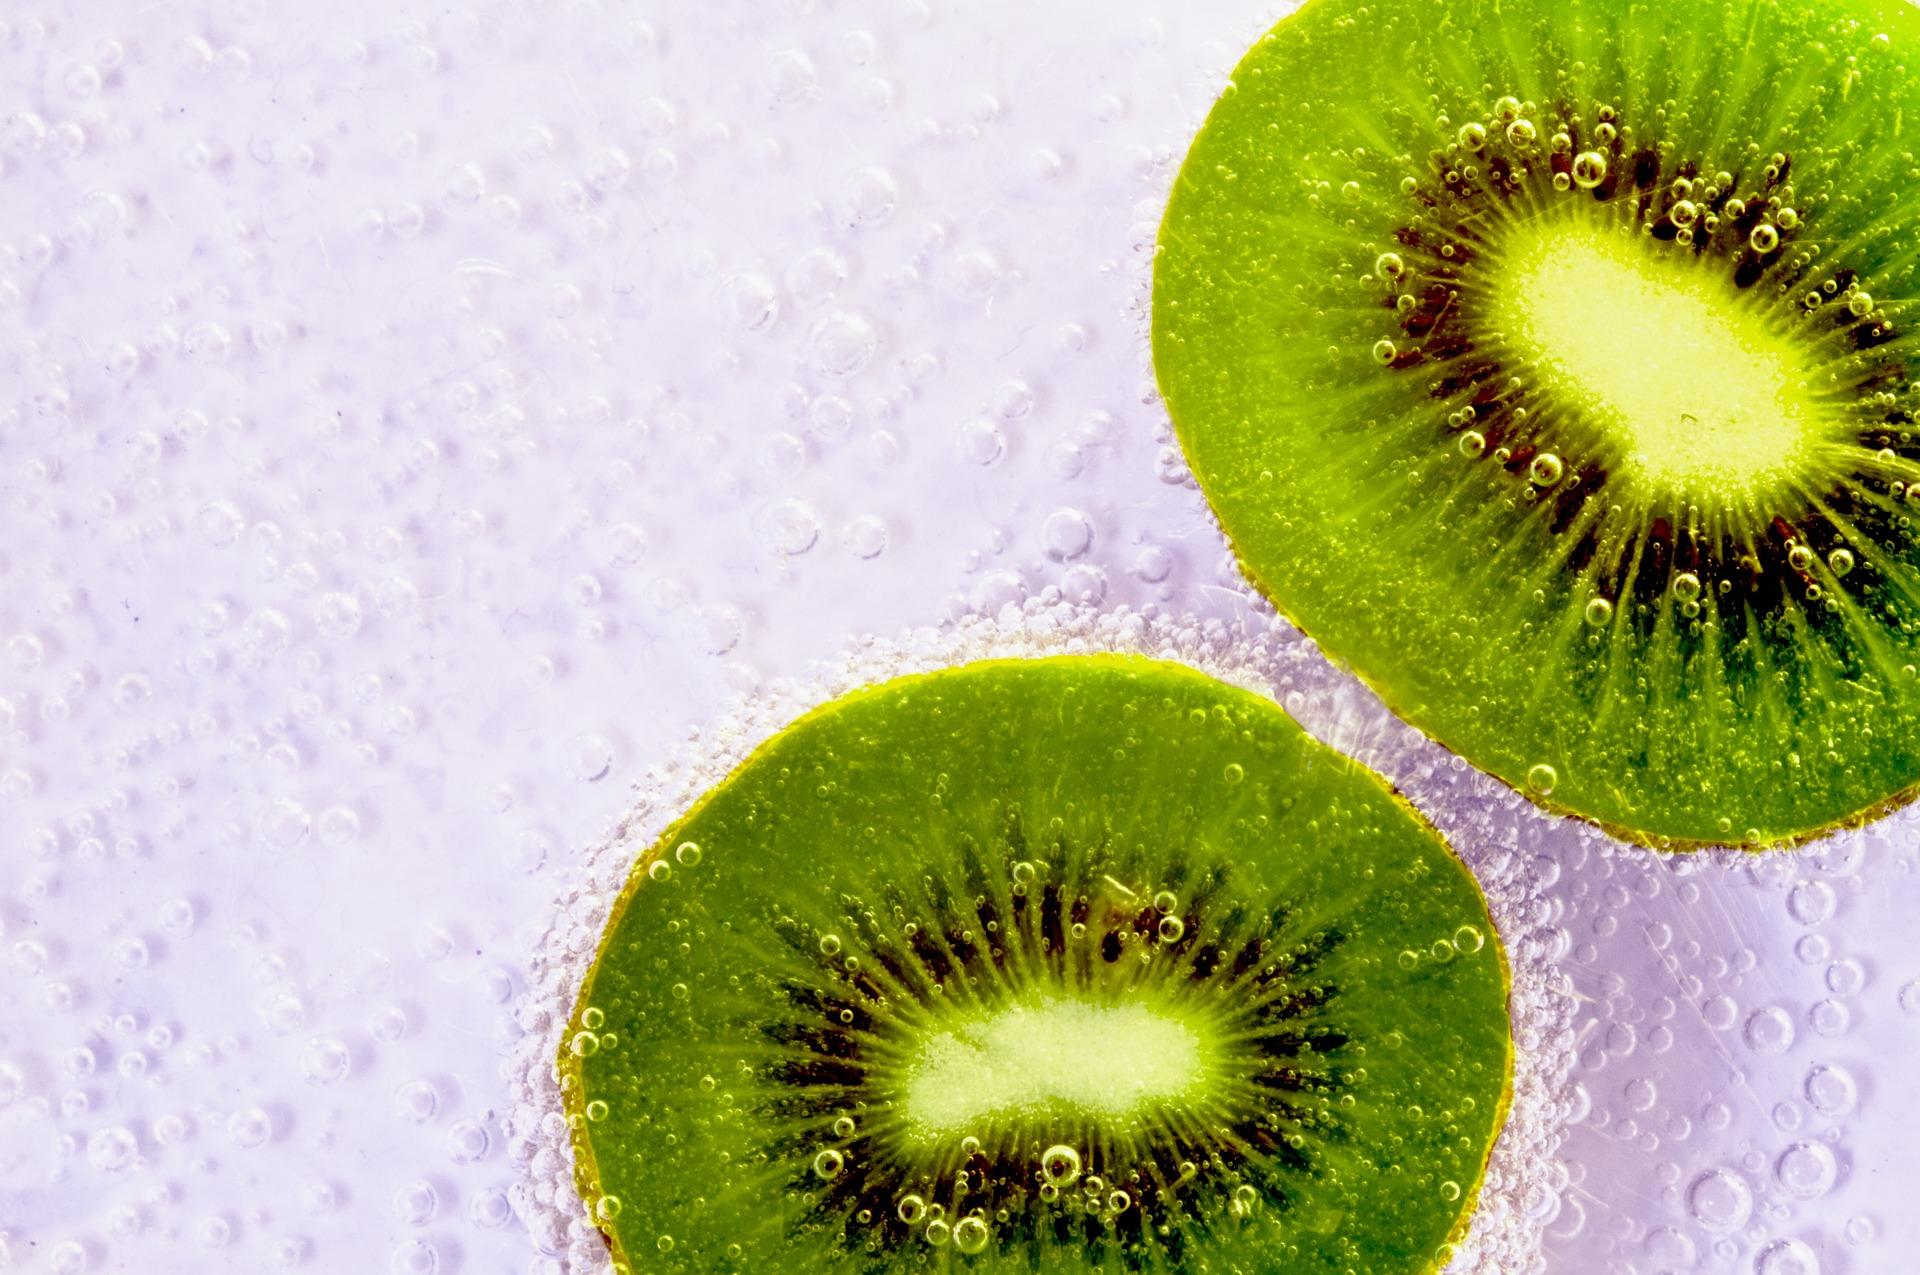 kiwi-843500_1920